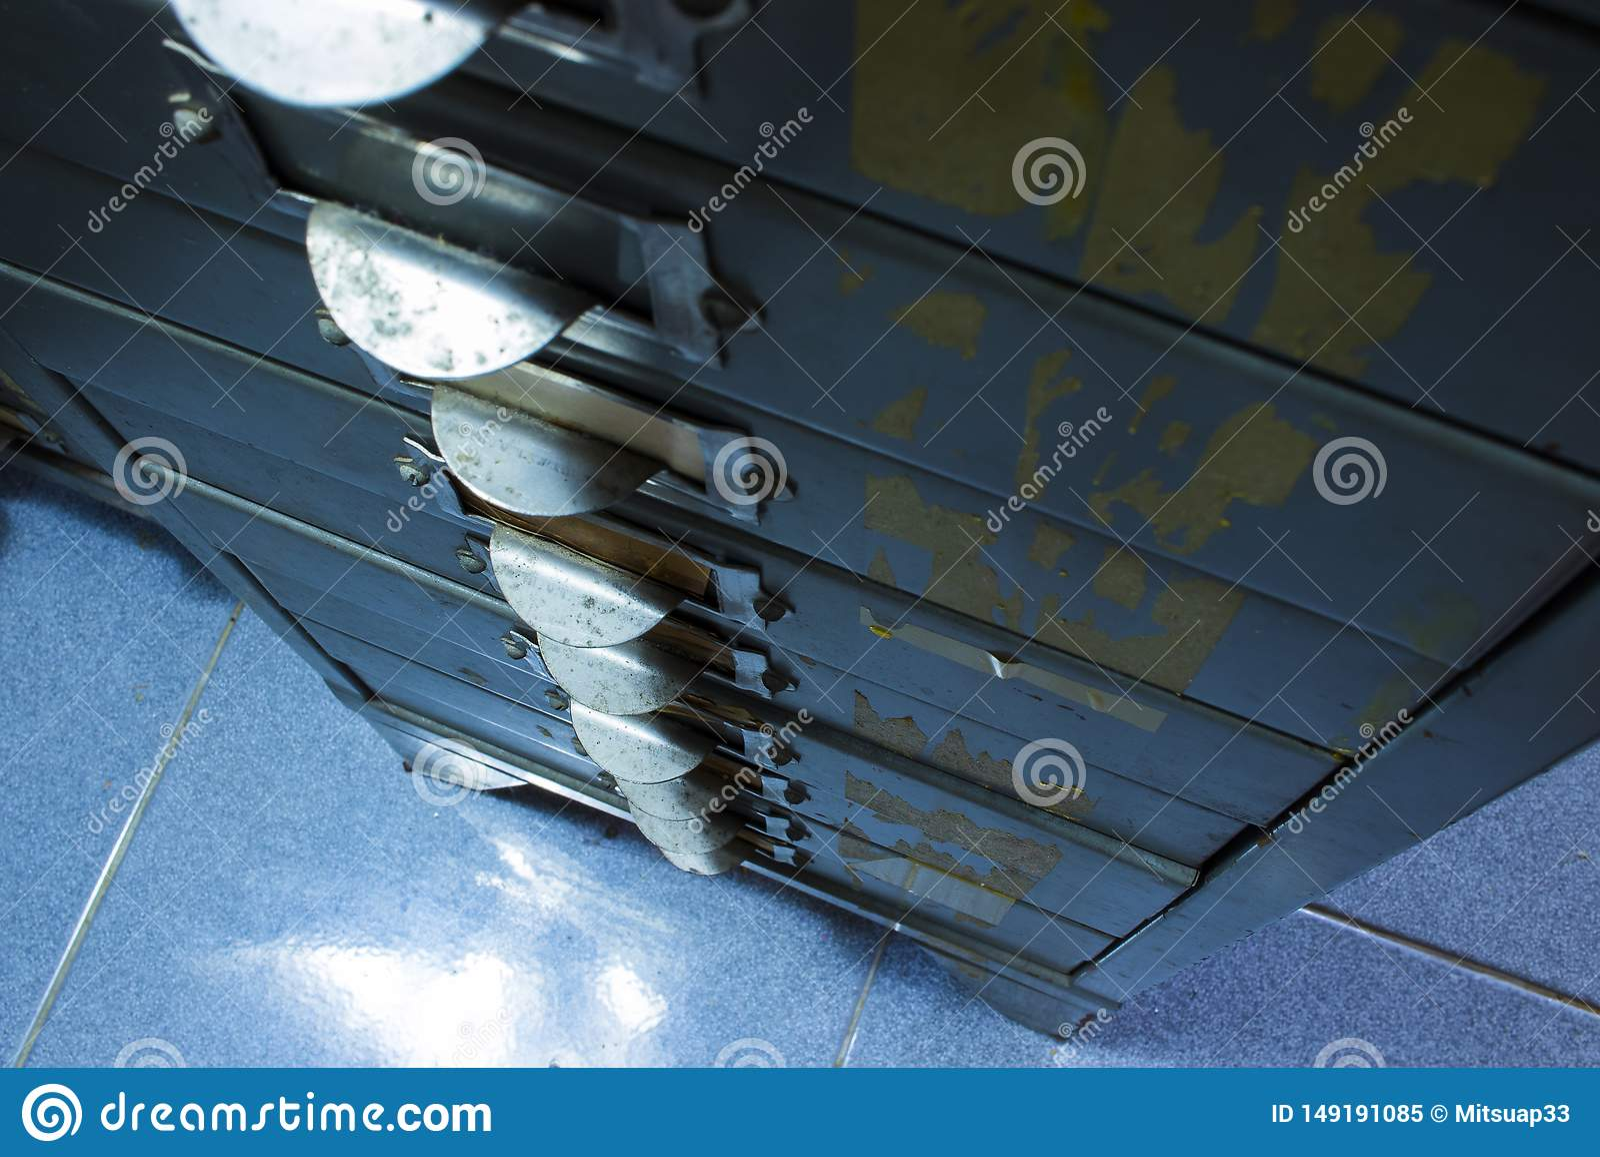 Close-up van de Rijen van de Staal archiefkast van dossierkabinet, documentlade